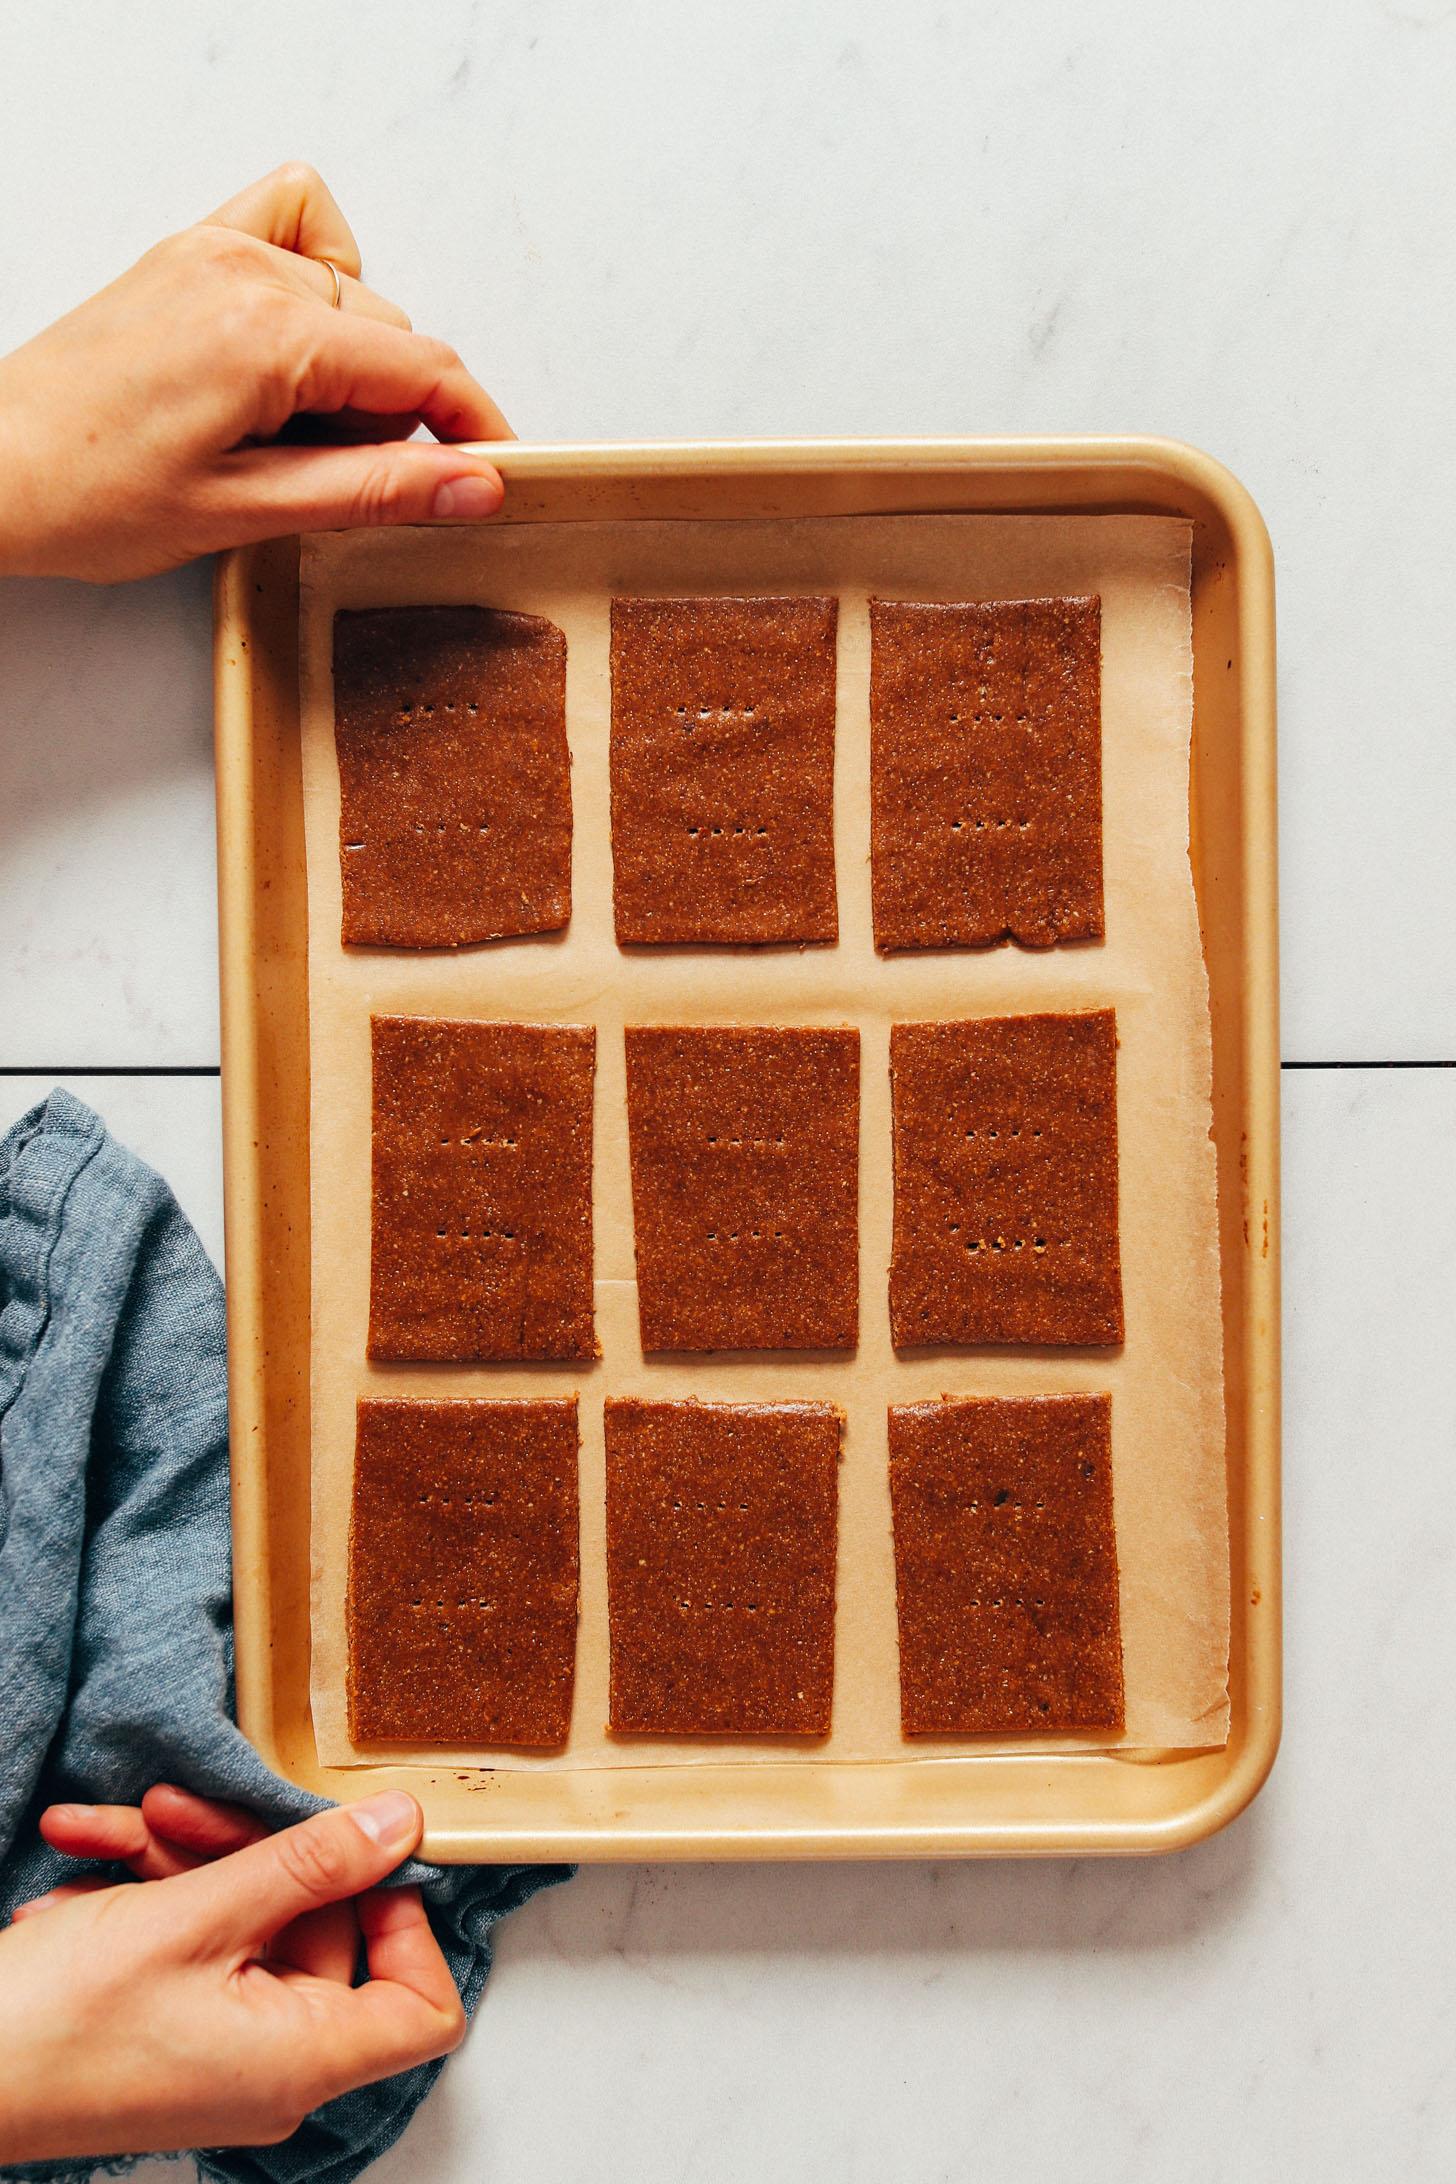 Pâte de biscuits Graham sans gluten sur une plaque à pâtisserie tapissée de papier sulfurisé